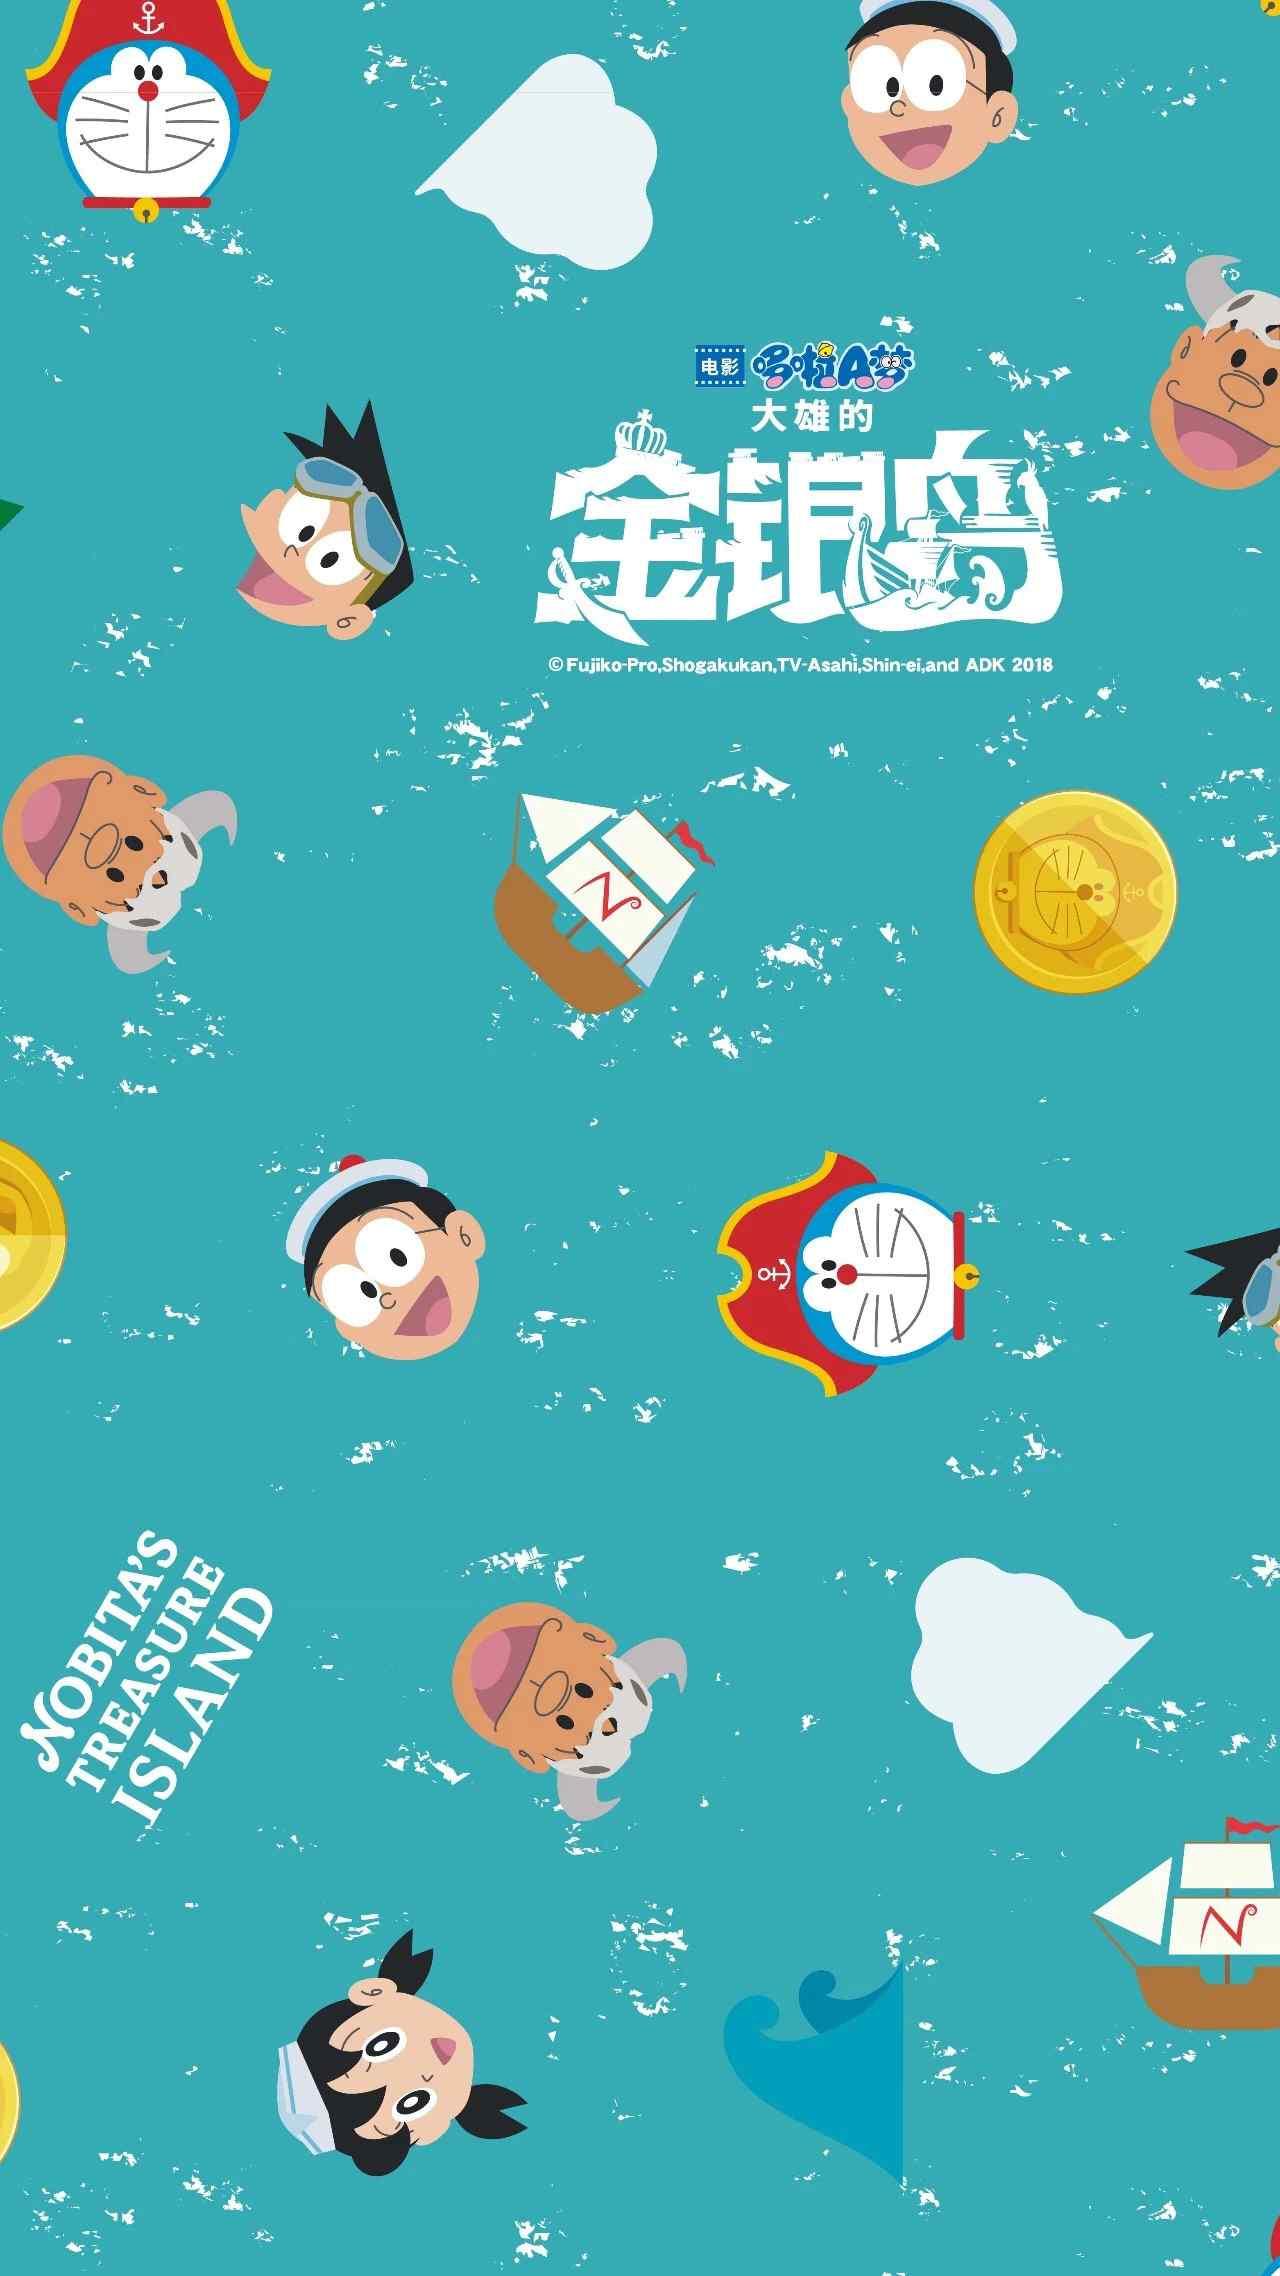 哆啦A梦:大雄的金银岛清新可爱手机壁纸